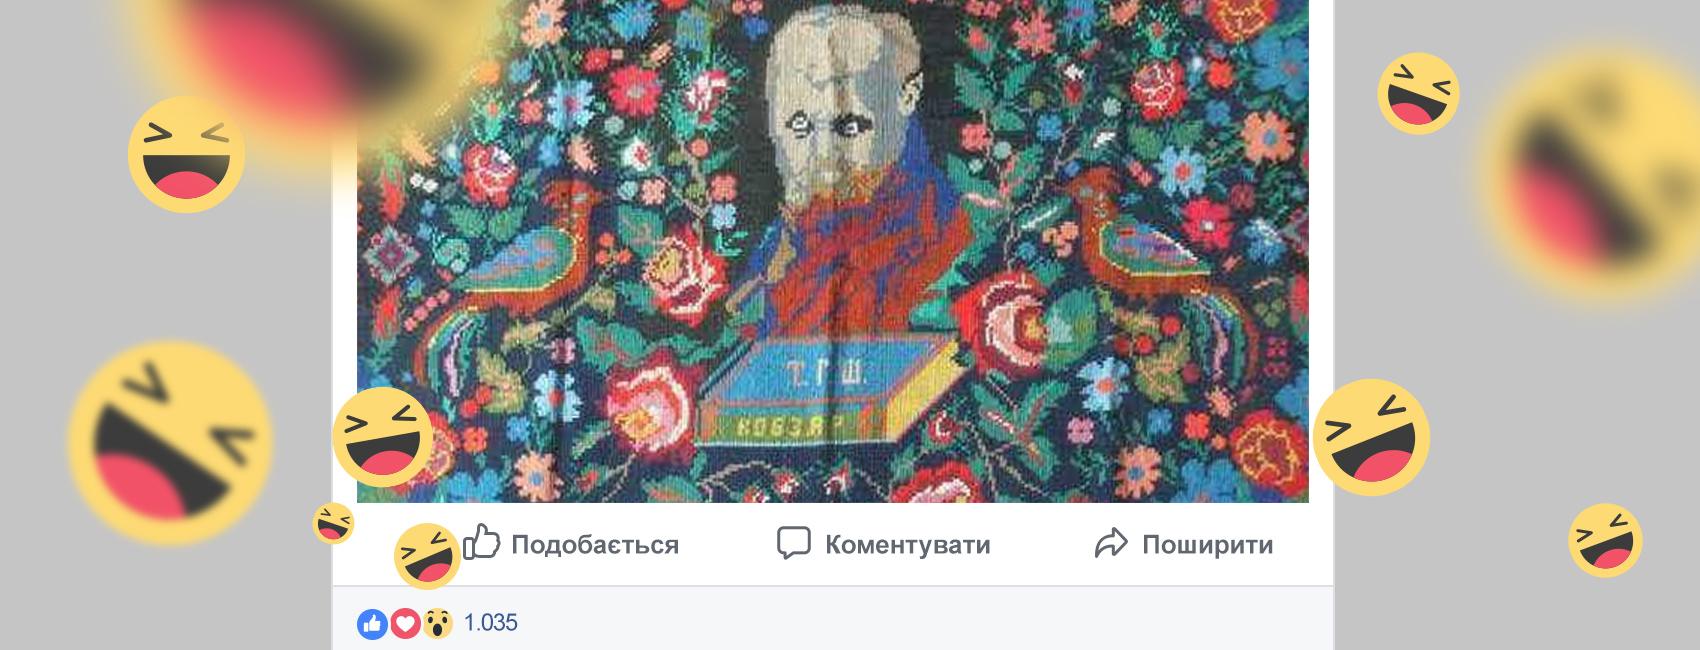 Літературні меми Читомо